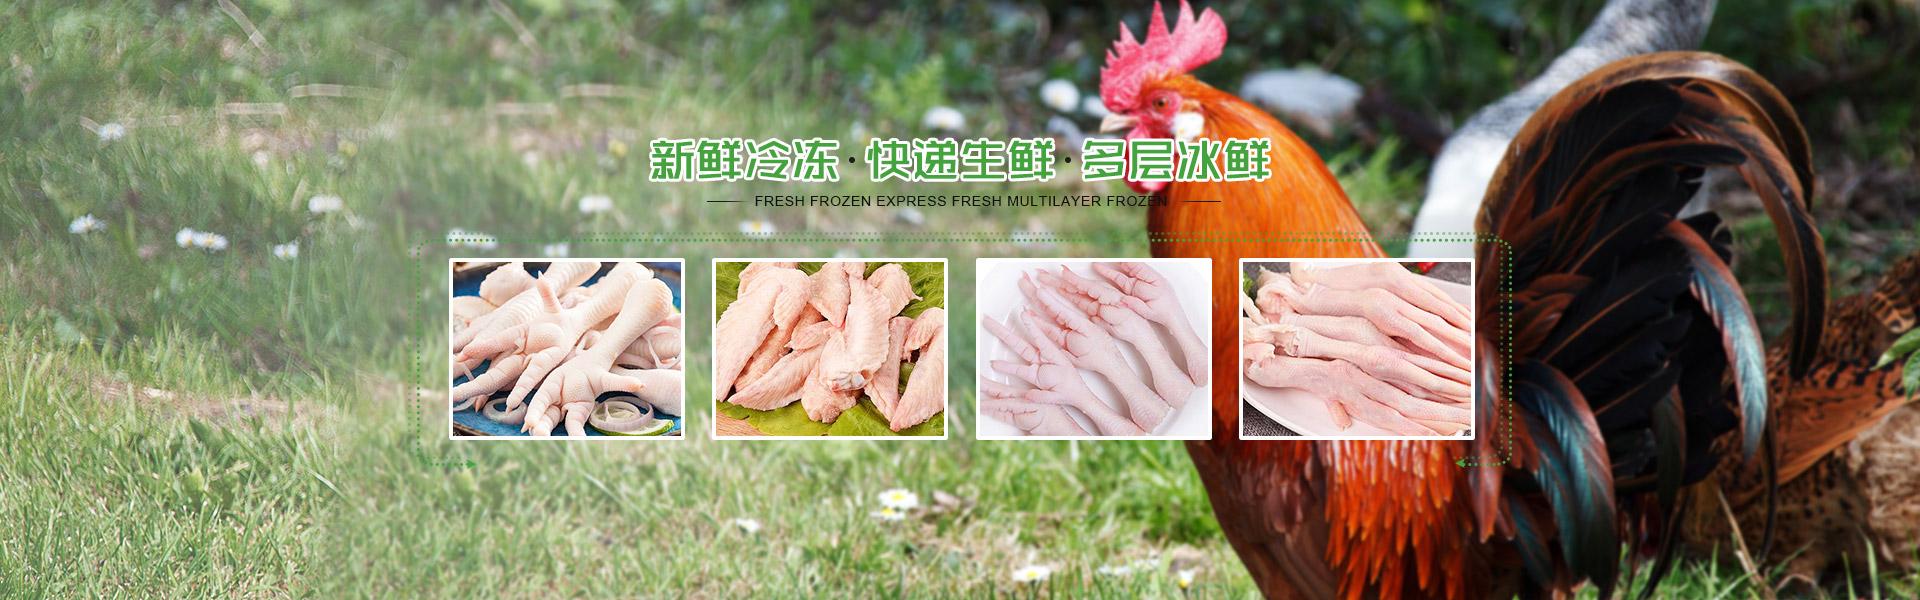 上海广阔食品有限公司